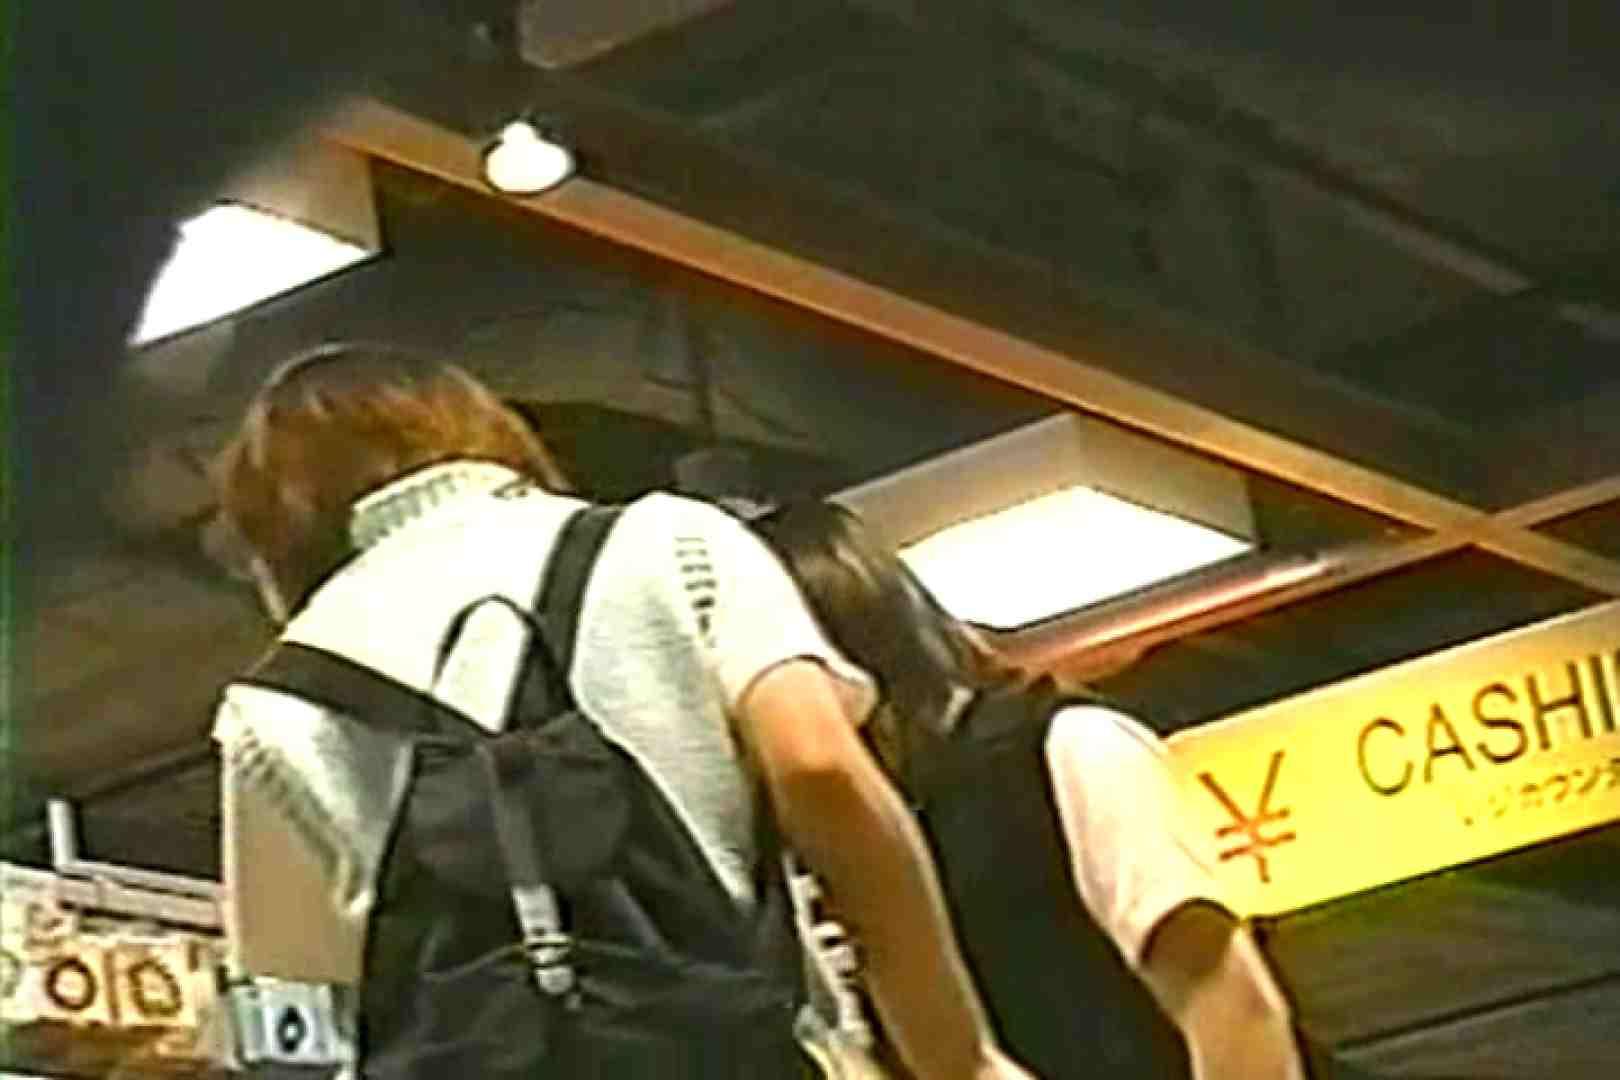 「ちくりん」さんのオリジナル未編集パンチラVol.9_02 エロティックなOL AV動画キャプチャ 95画像 35